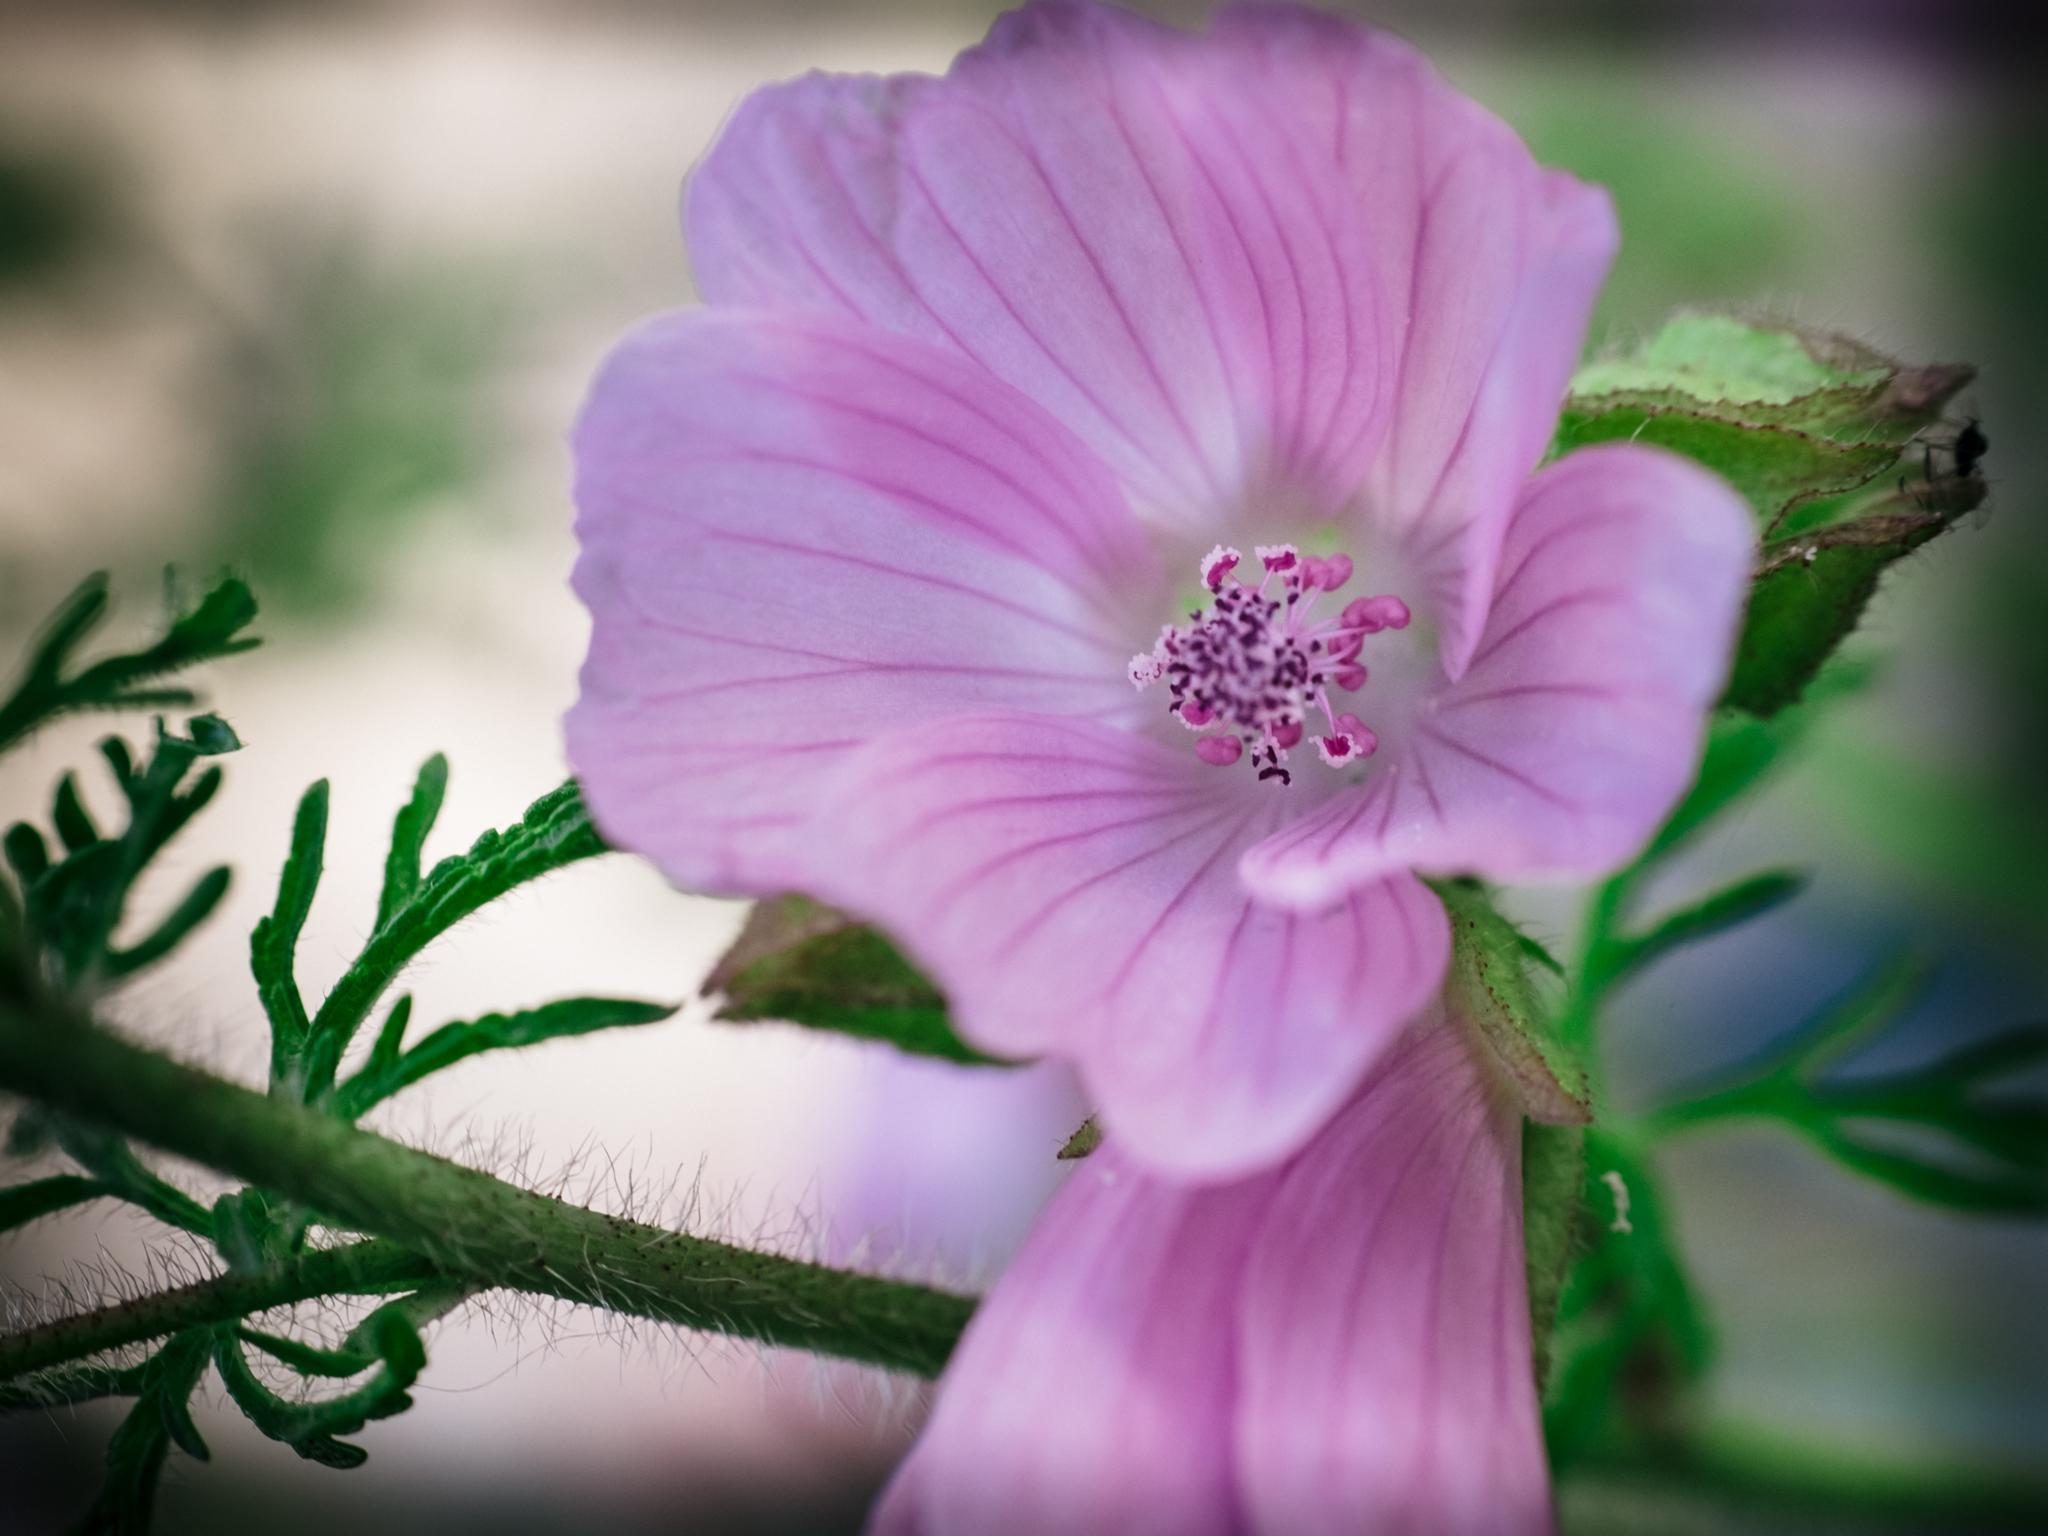 Flower by Mikael Ulfenborg